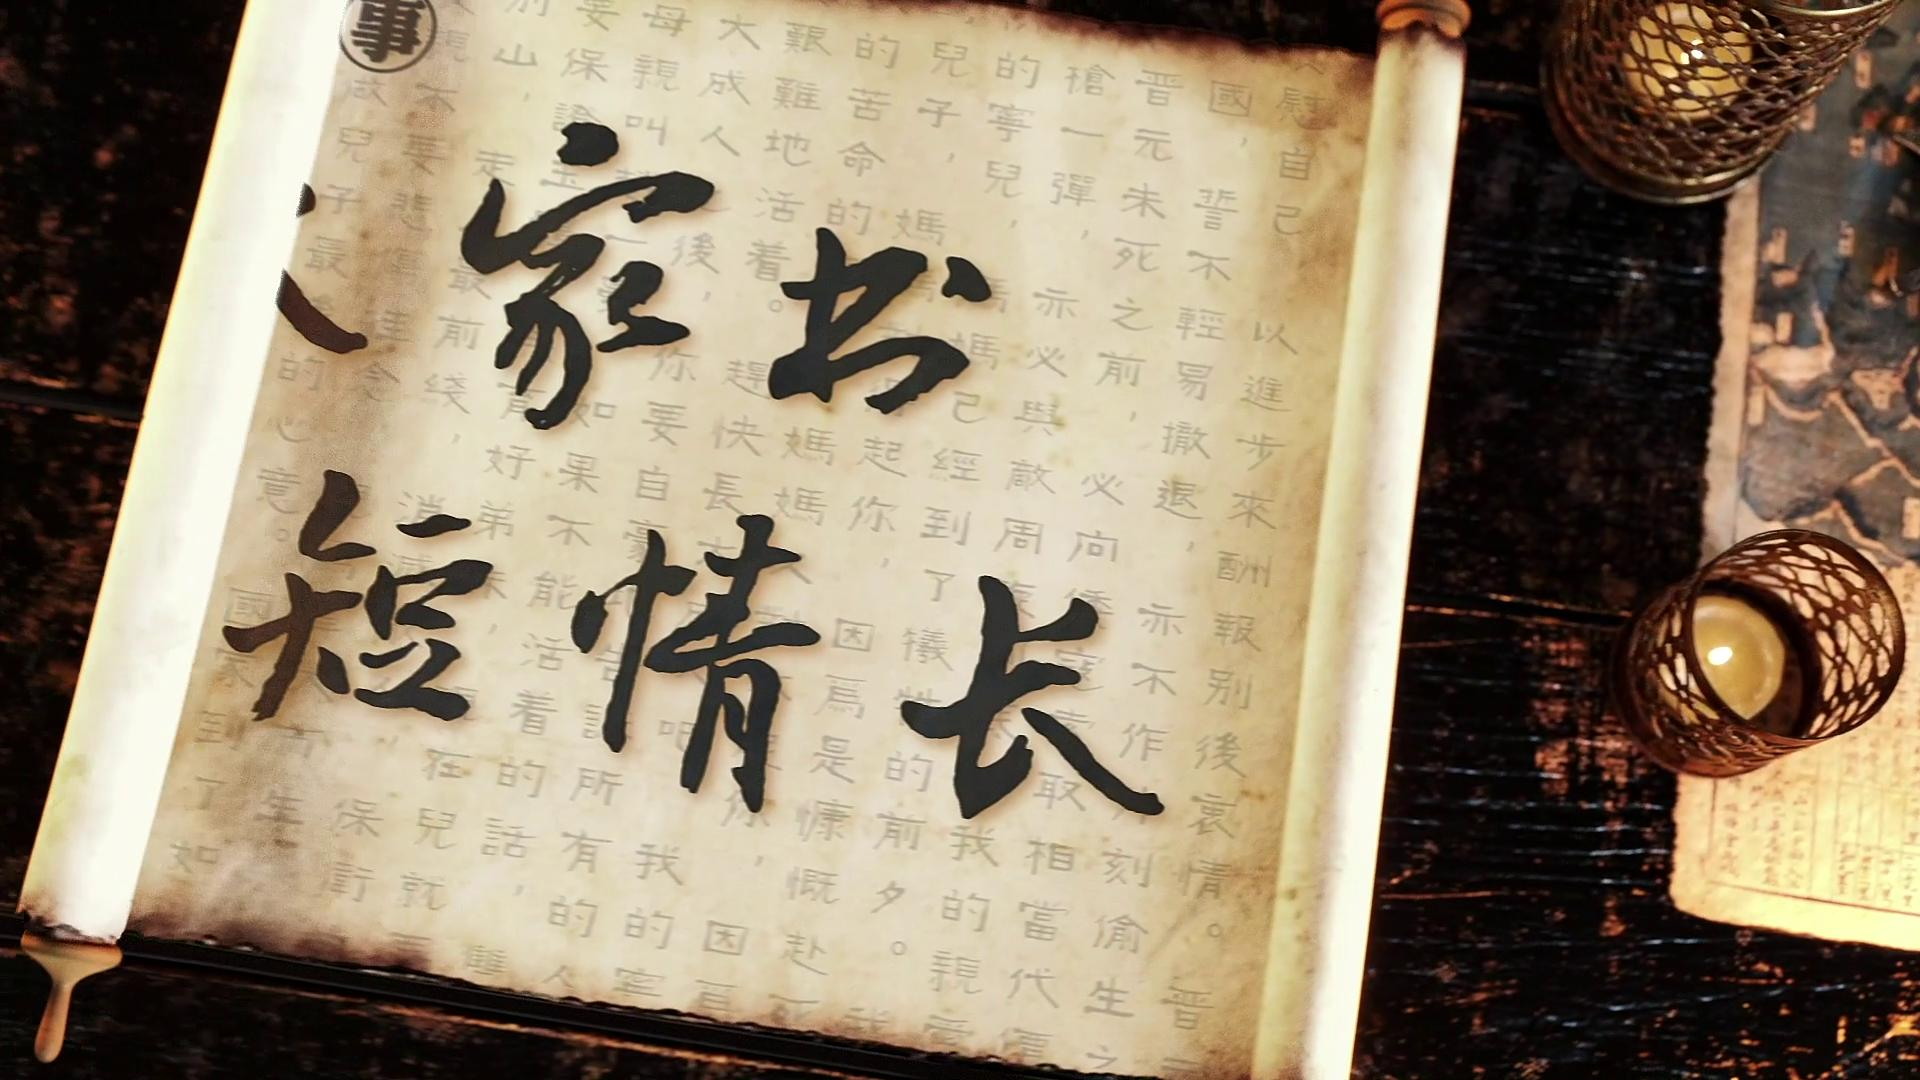 中国人的故事 | 烽火家书,纸短情长